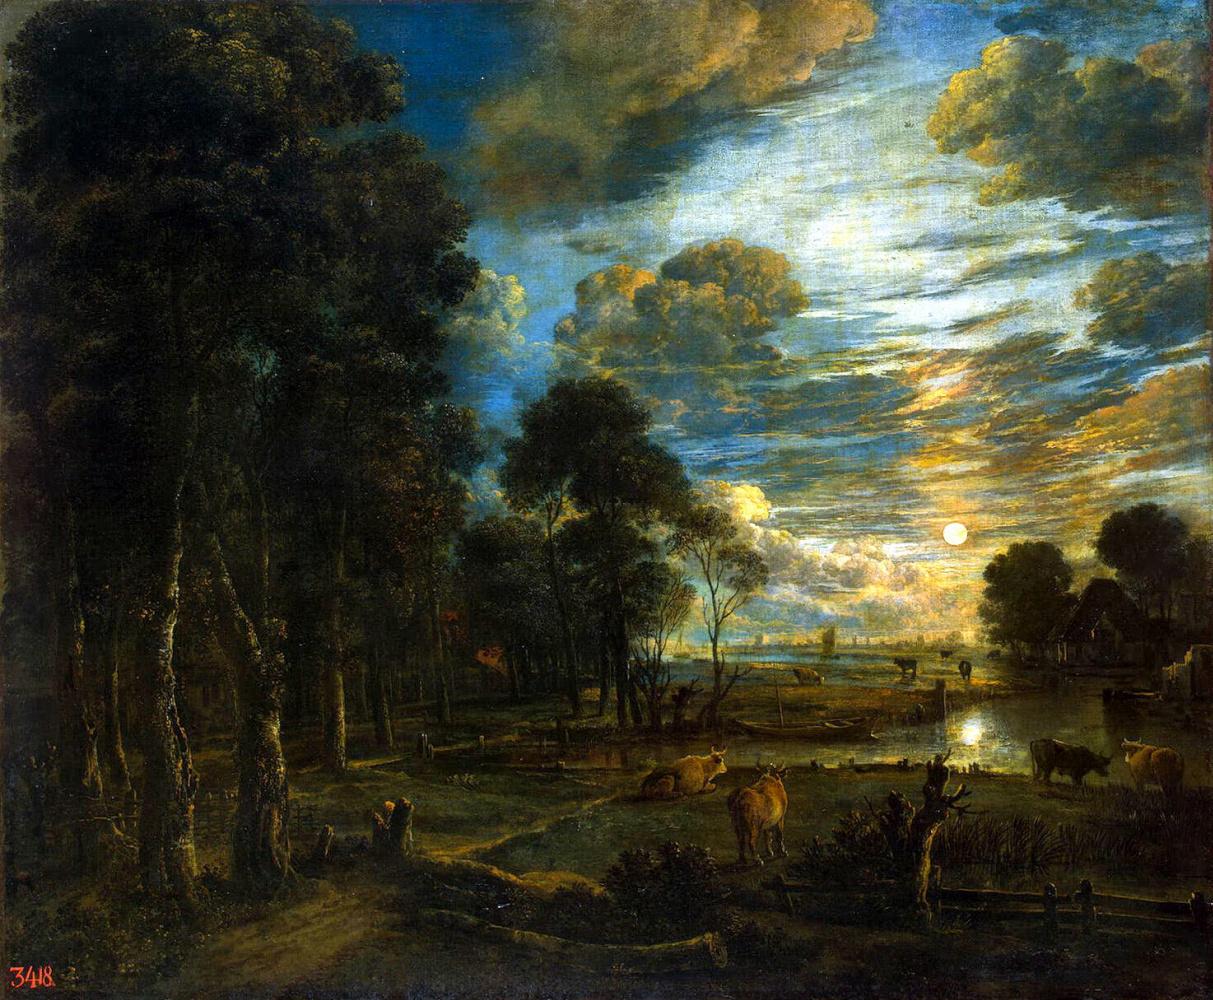 Art van der Ner. Night landscape with a river